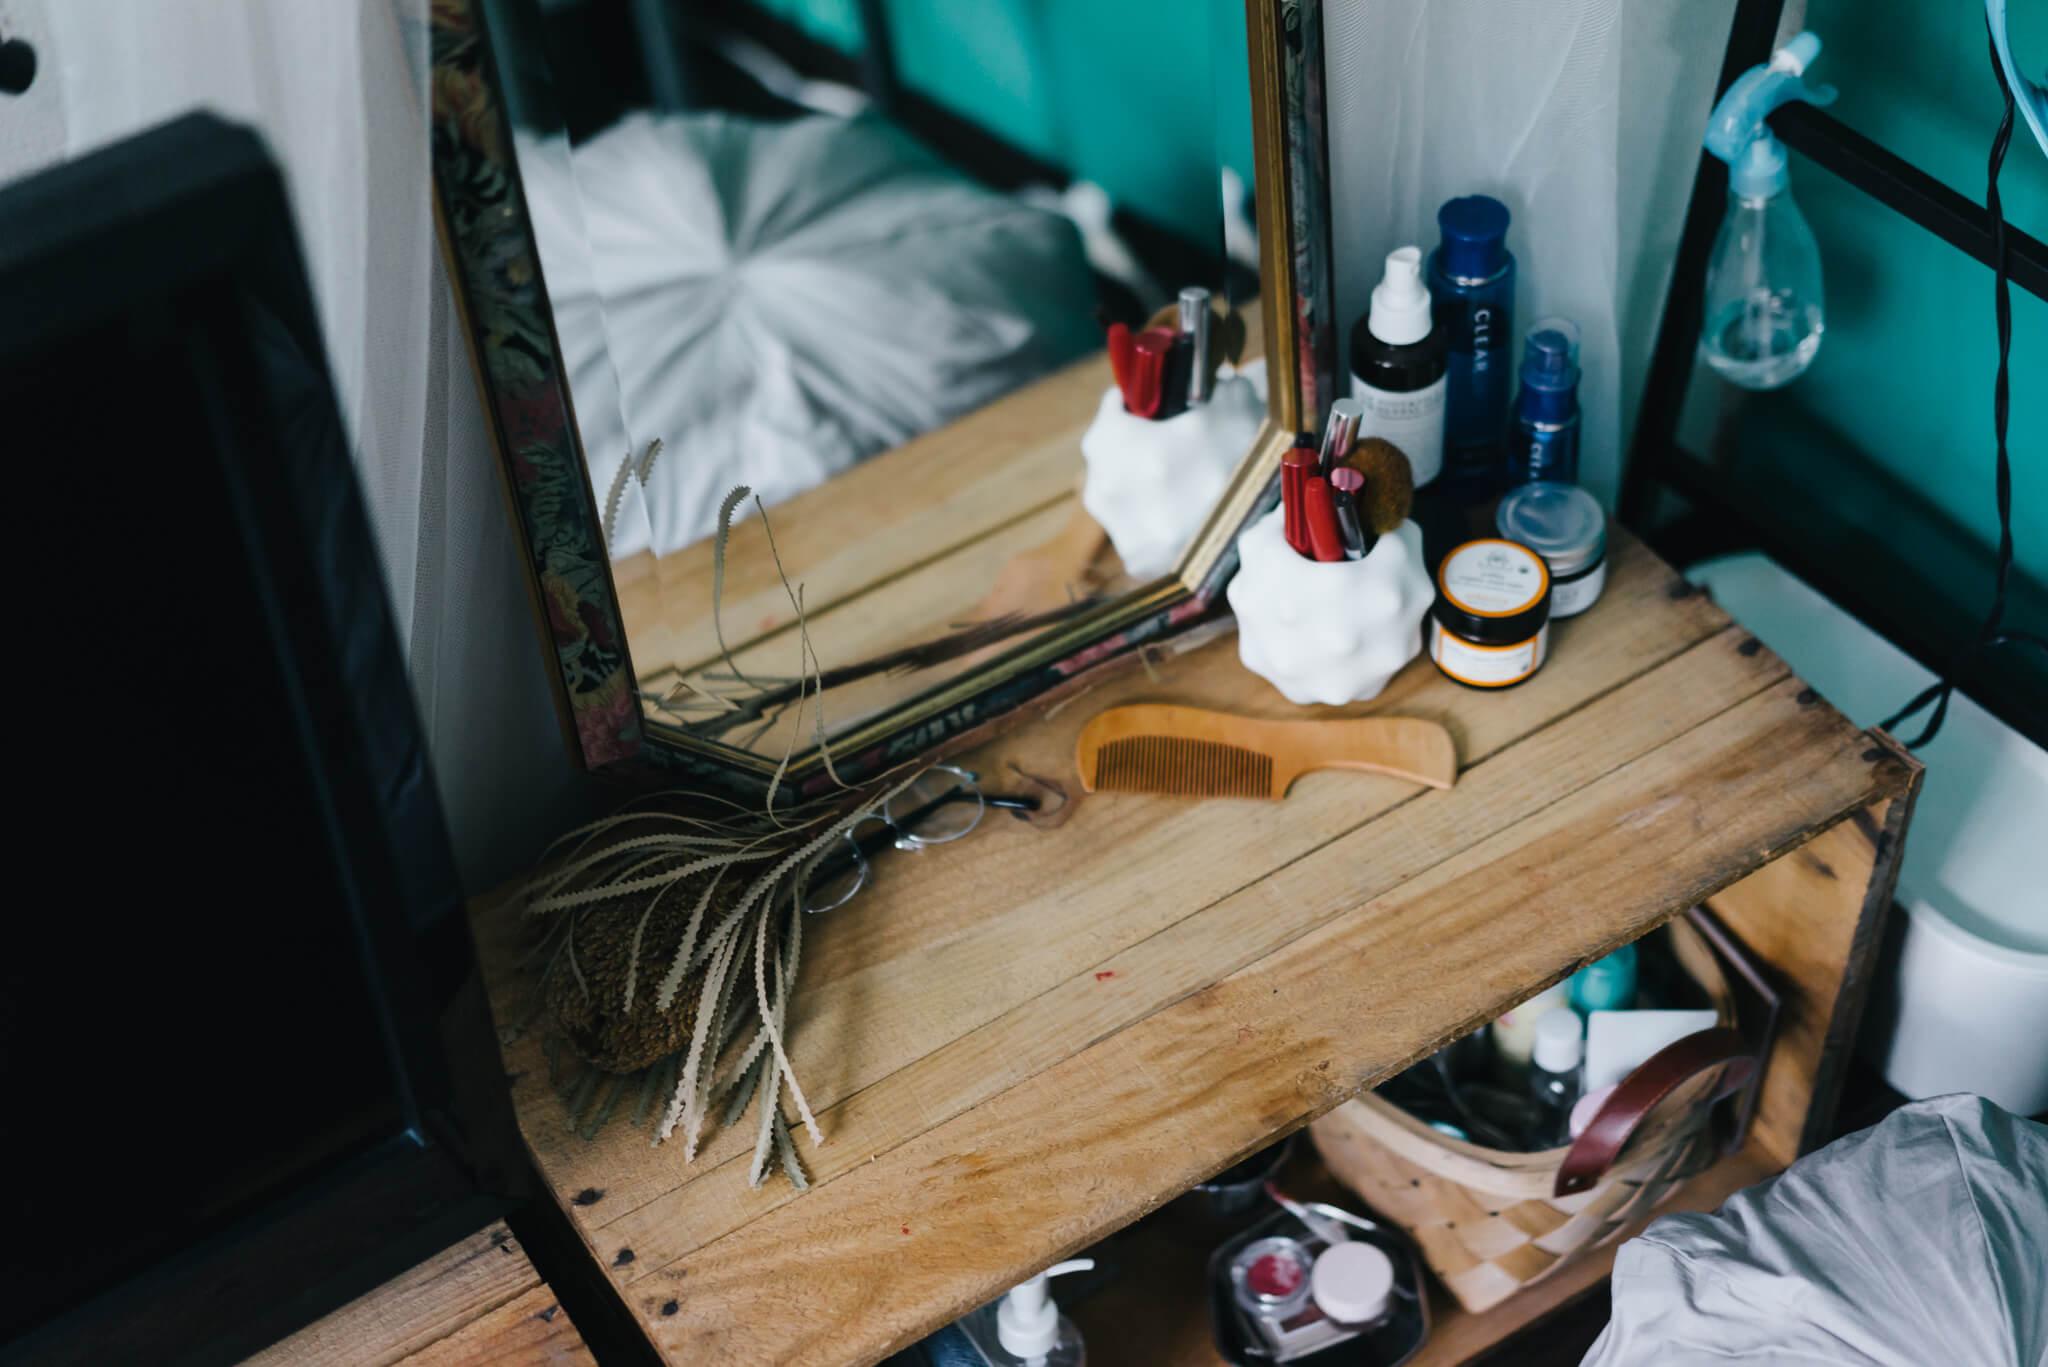 「コスメ収納」どうしてますか?小さなお部屋のドレッサー&収納実例まとめ